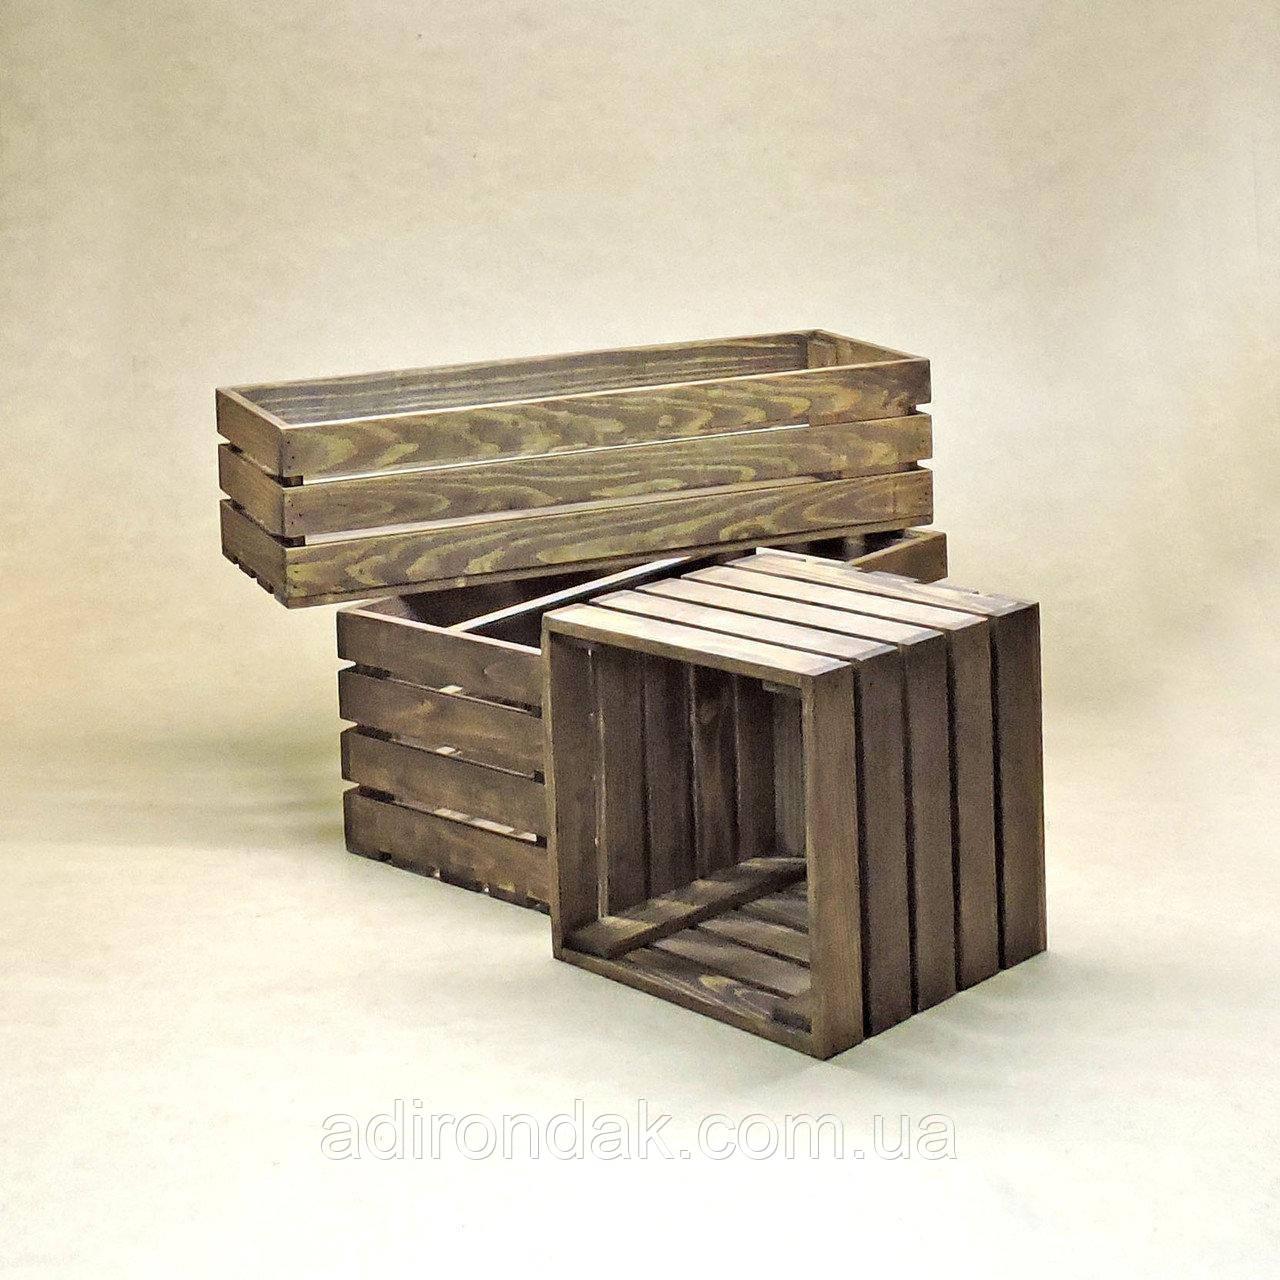 Ящик для хранения Гамбург В30хД30хШ30см